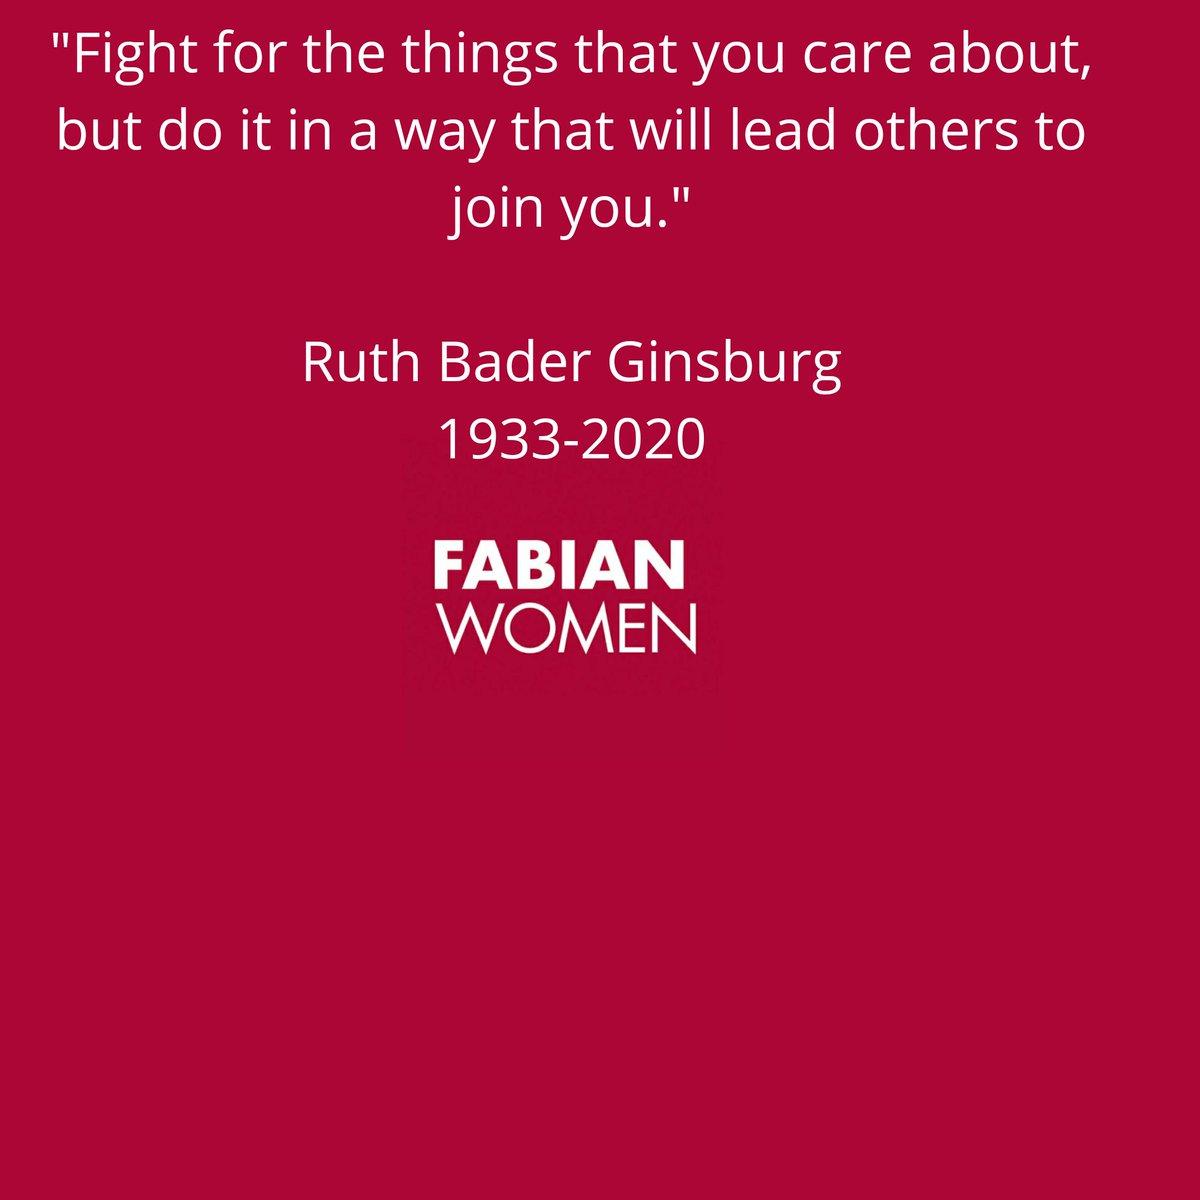 Fabian Women (@FabianWomen) on Twitter photo 19/09/2020 08:20:03